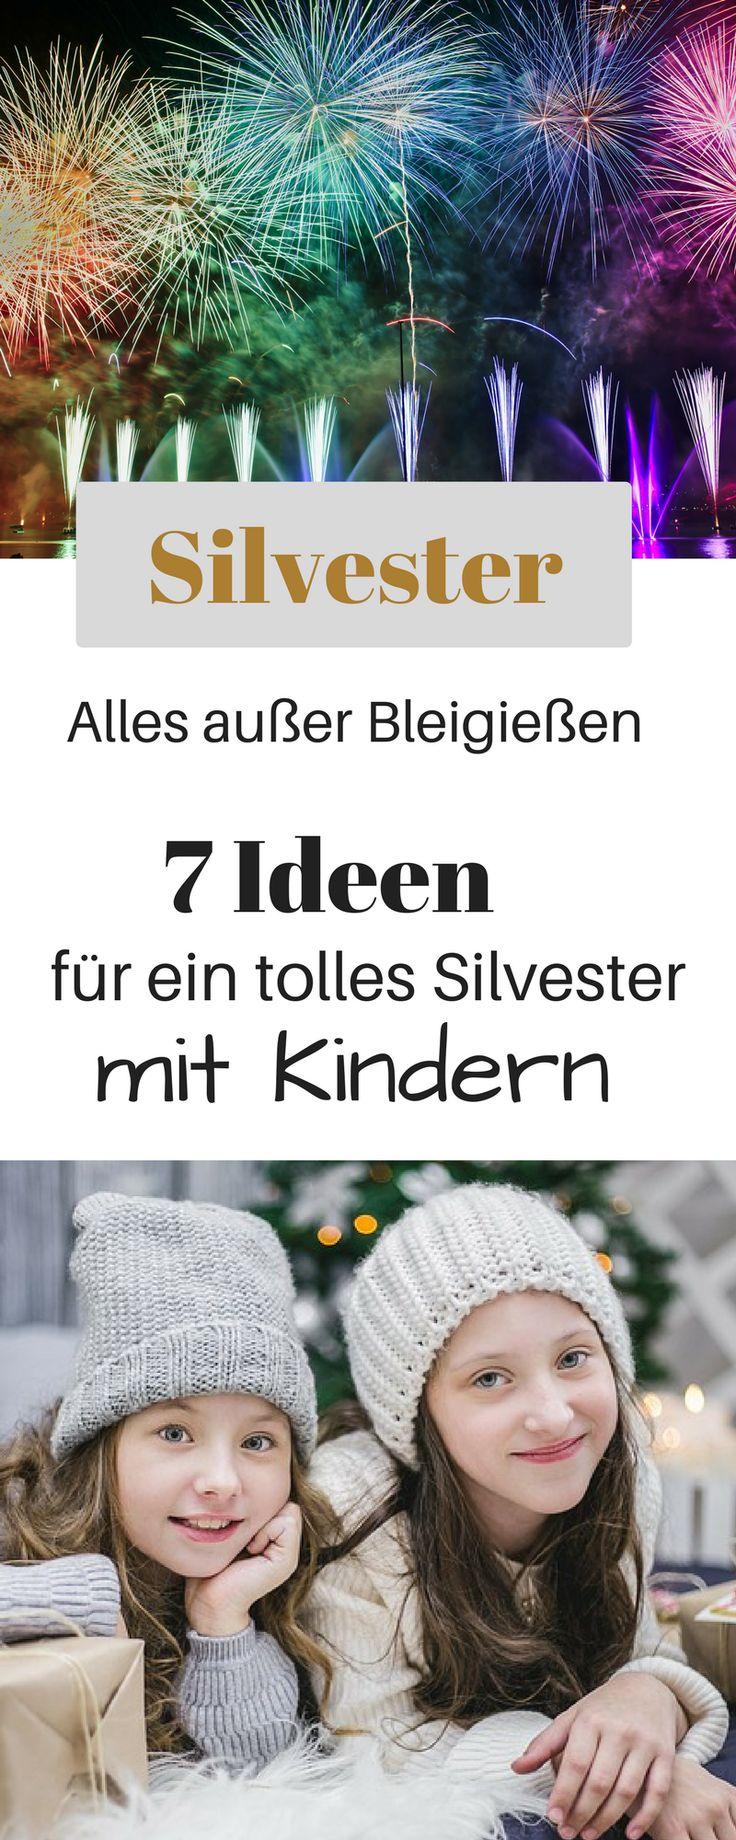 25 einzigartige silvester mit kindern ideen auf pinterest silvester basteln kinder silvester. Black Bedroom Furniture Sets. Home Design Ideas